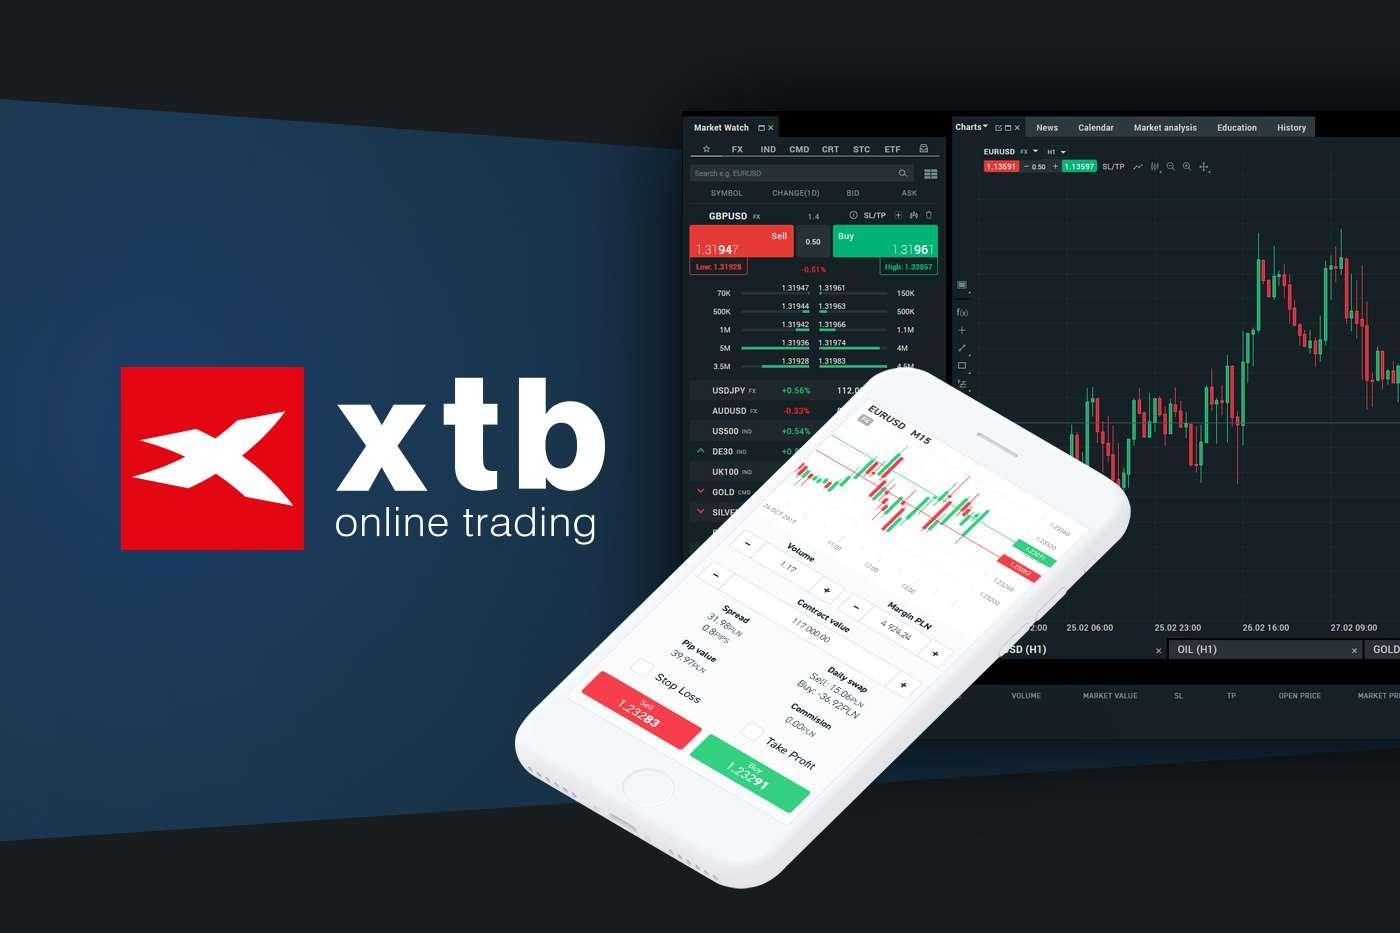 Полный обзор брокера XTB.com: торговые условия